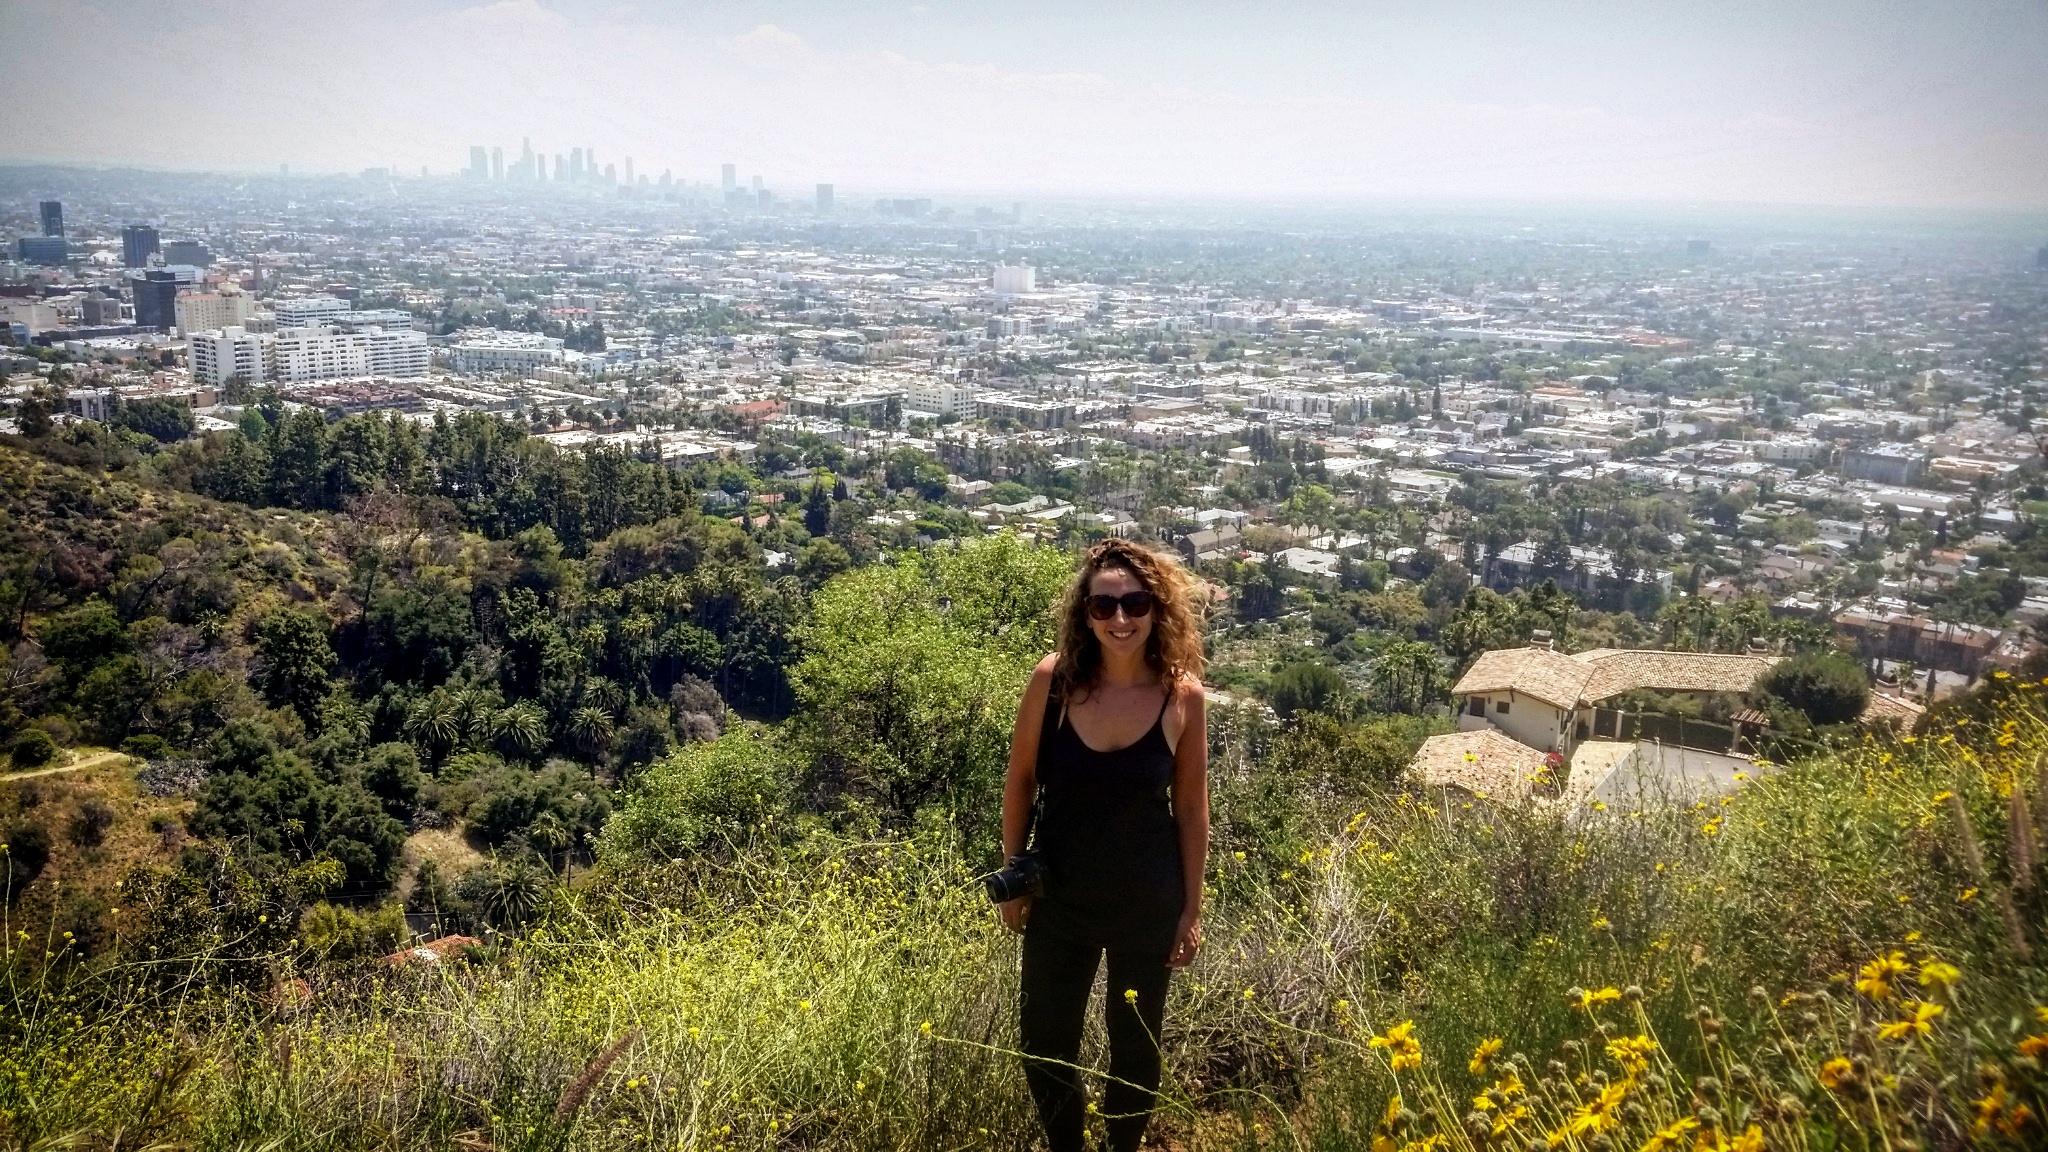 LA hike